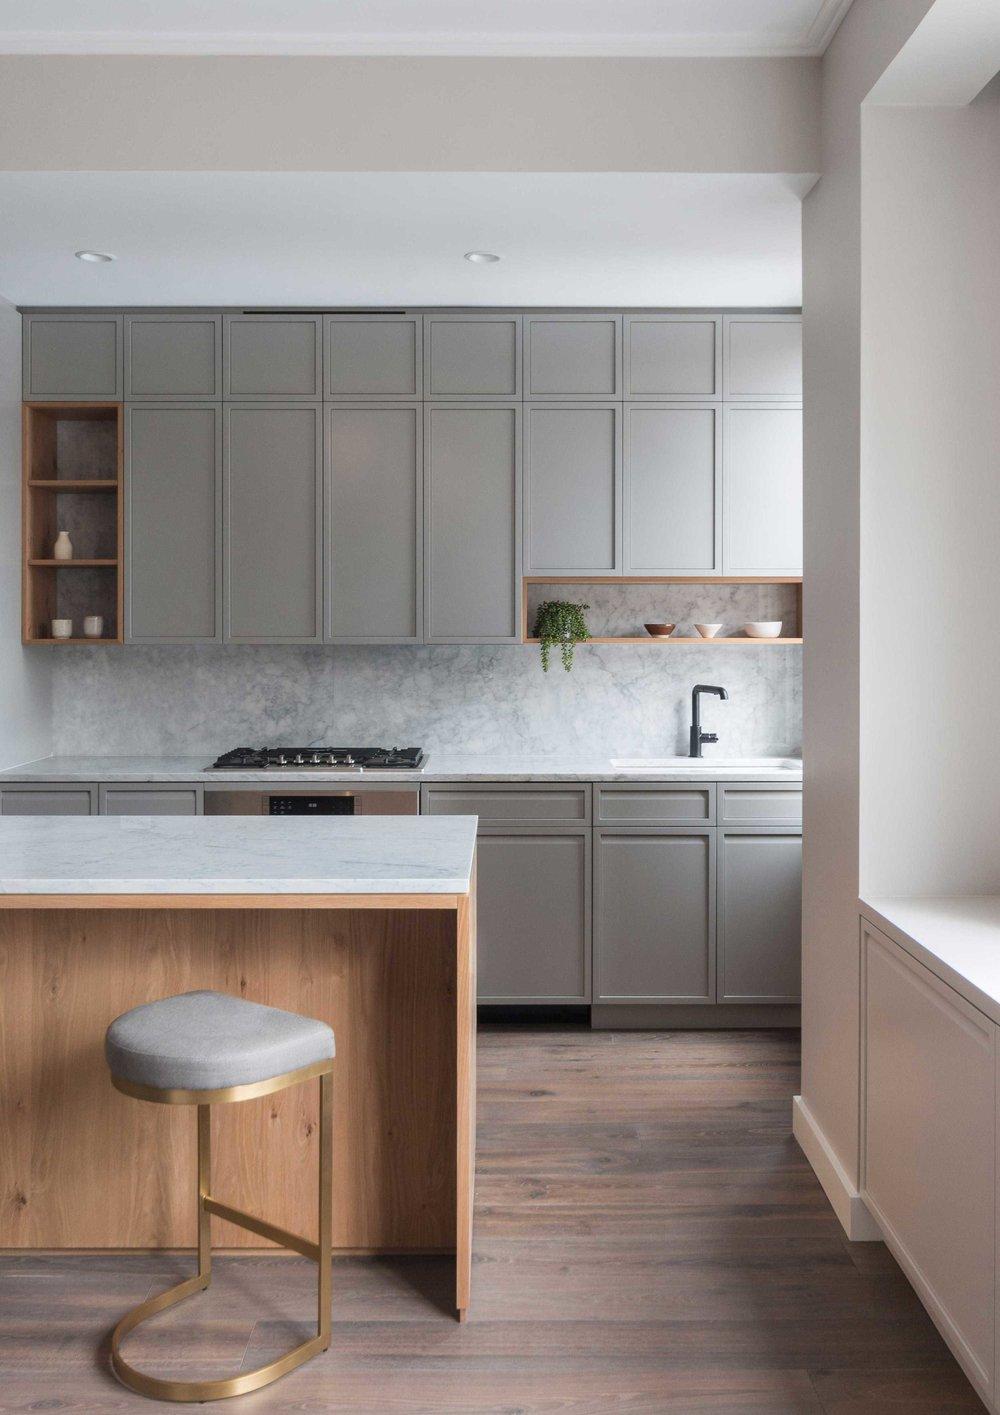 Contemporary Kitchen Interior Design: Hunt Architecture In 2020